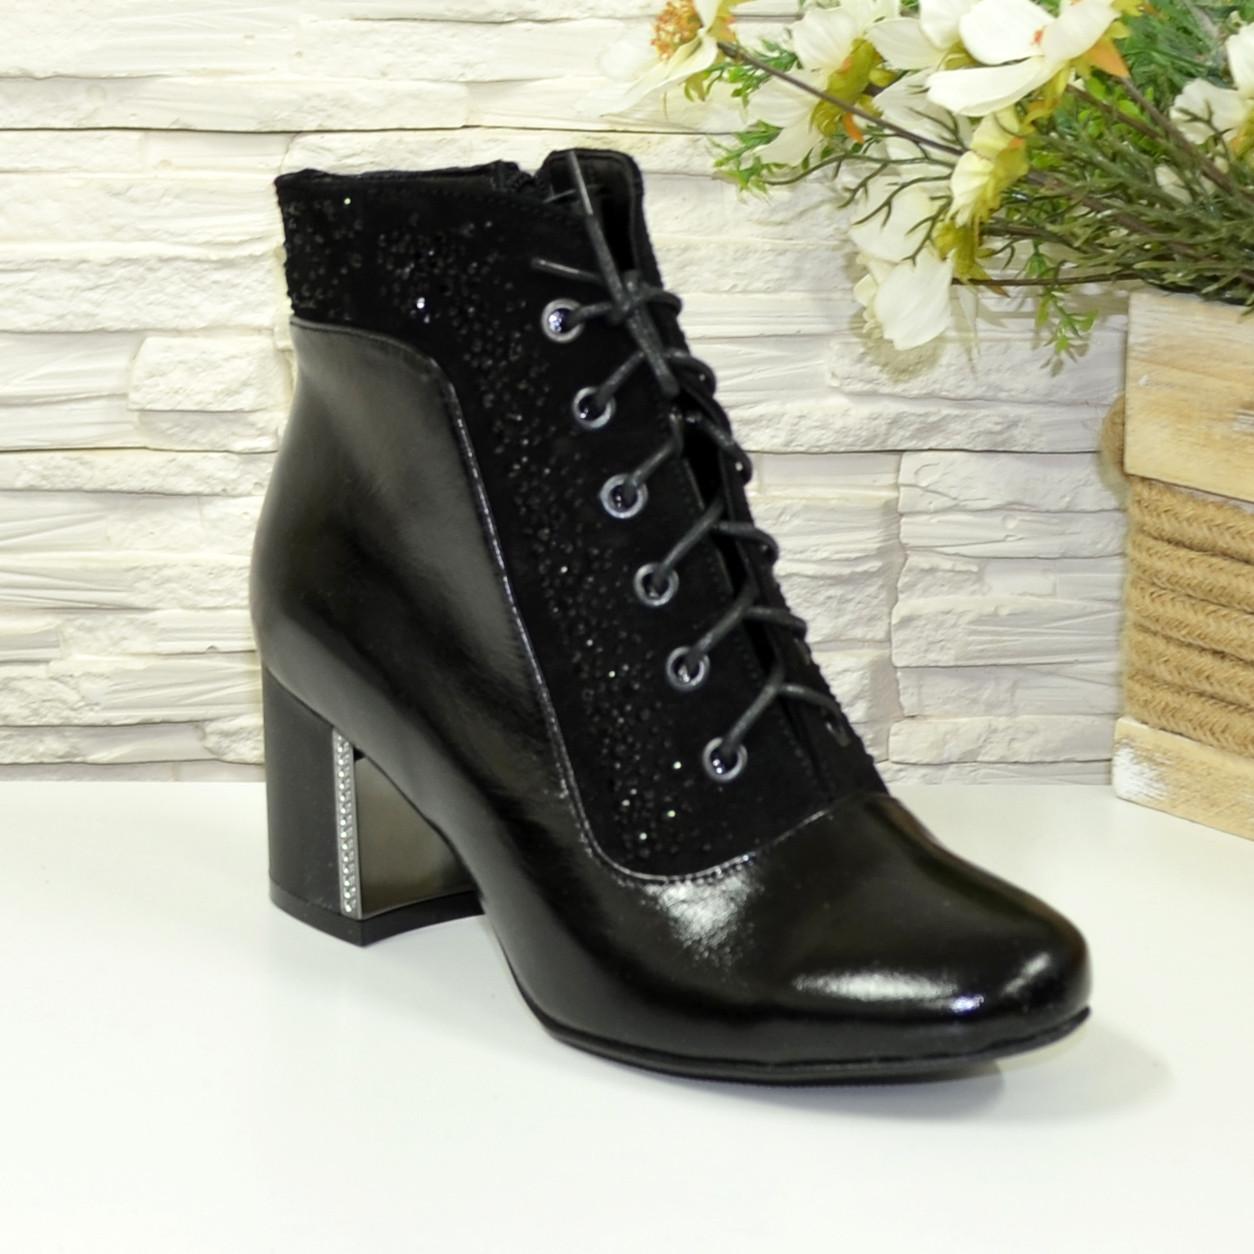 Ботинки комбинированные демисезонные женские на невысоком каблуке